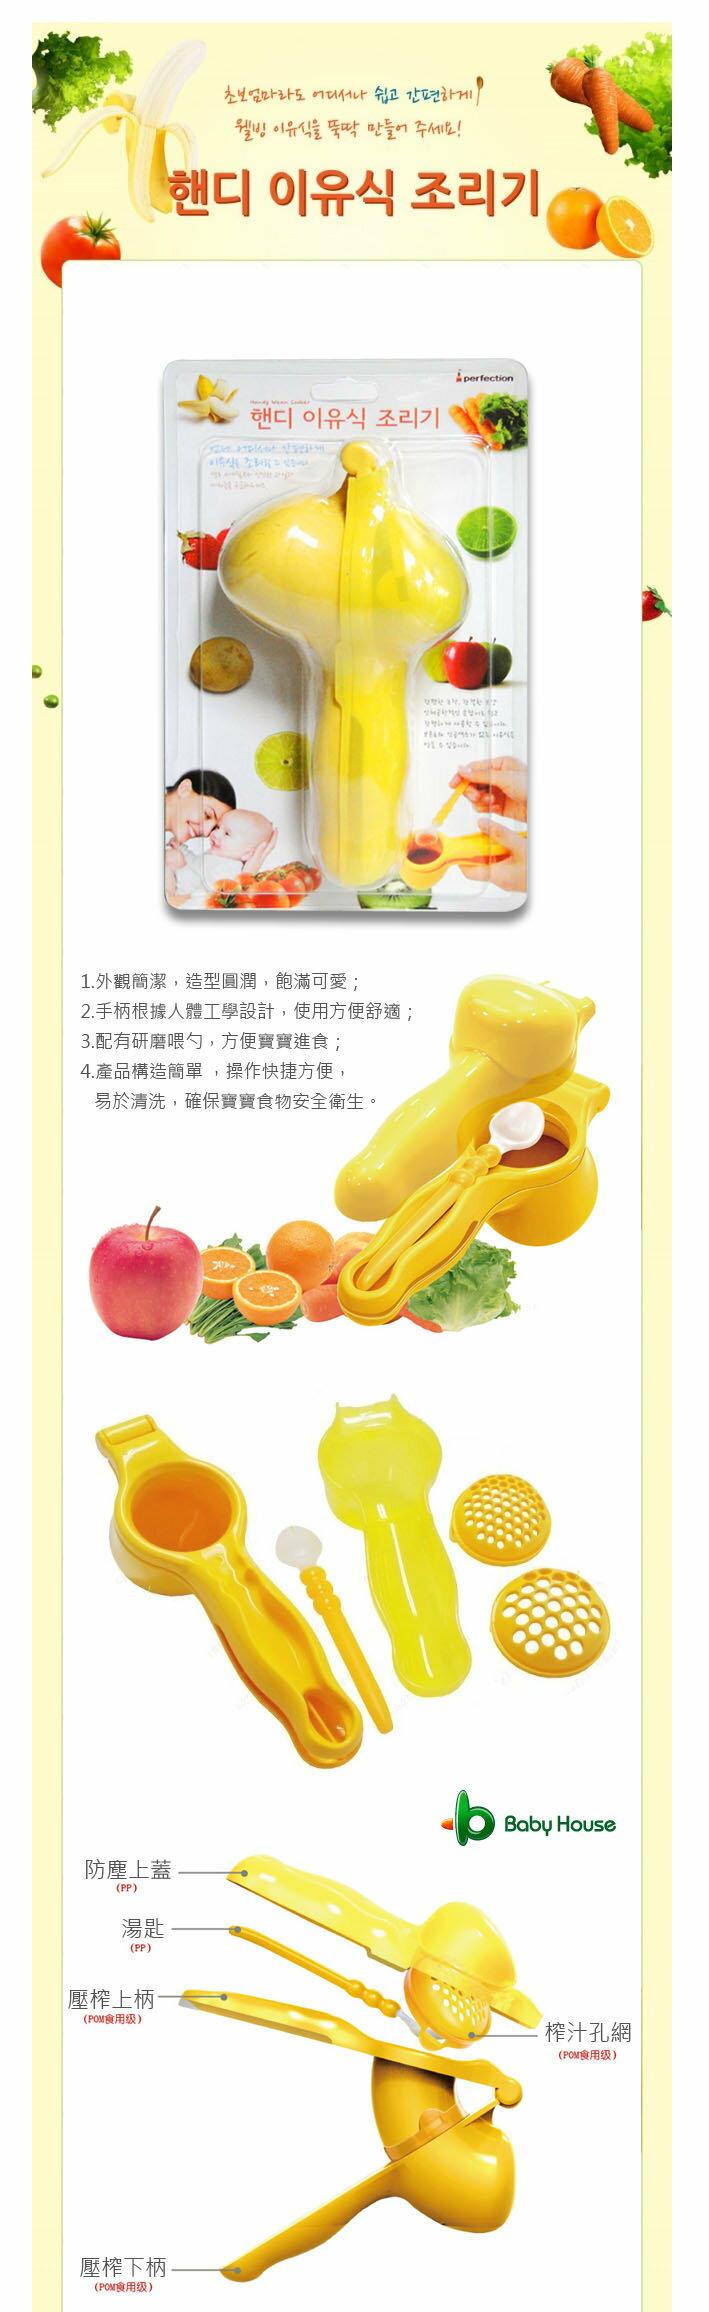 『121婦嬰用品館』baby house 韓國蔬果榨汁、壓泥、副食品餵食器(攜帶型) 食物餵食器 1